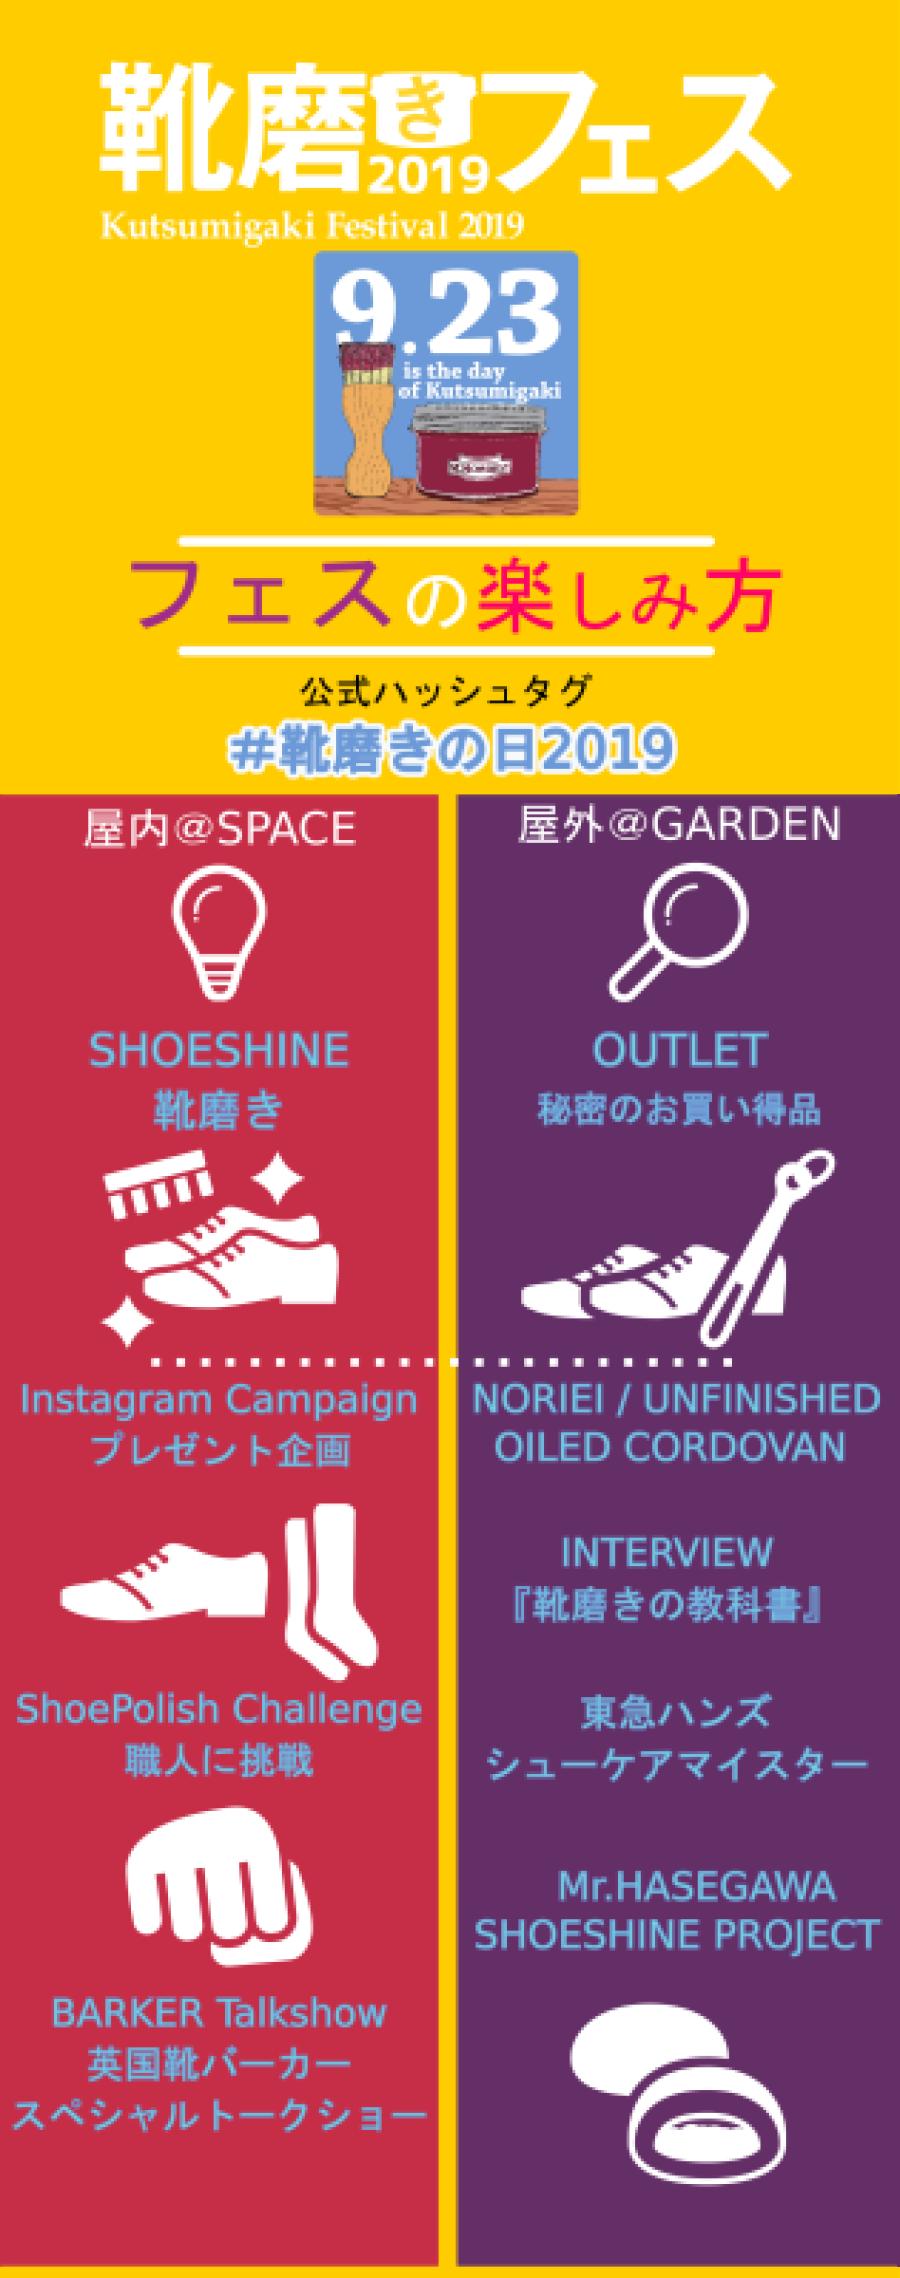 9月23日 #靴磨きの日2019『靴磨きフェス』豪華プレゼントも!_f0283816_16482084.png